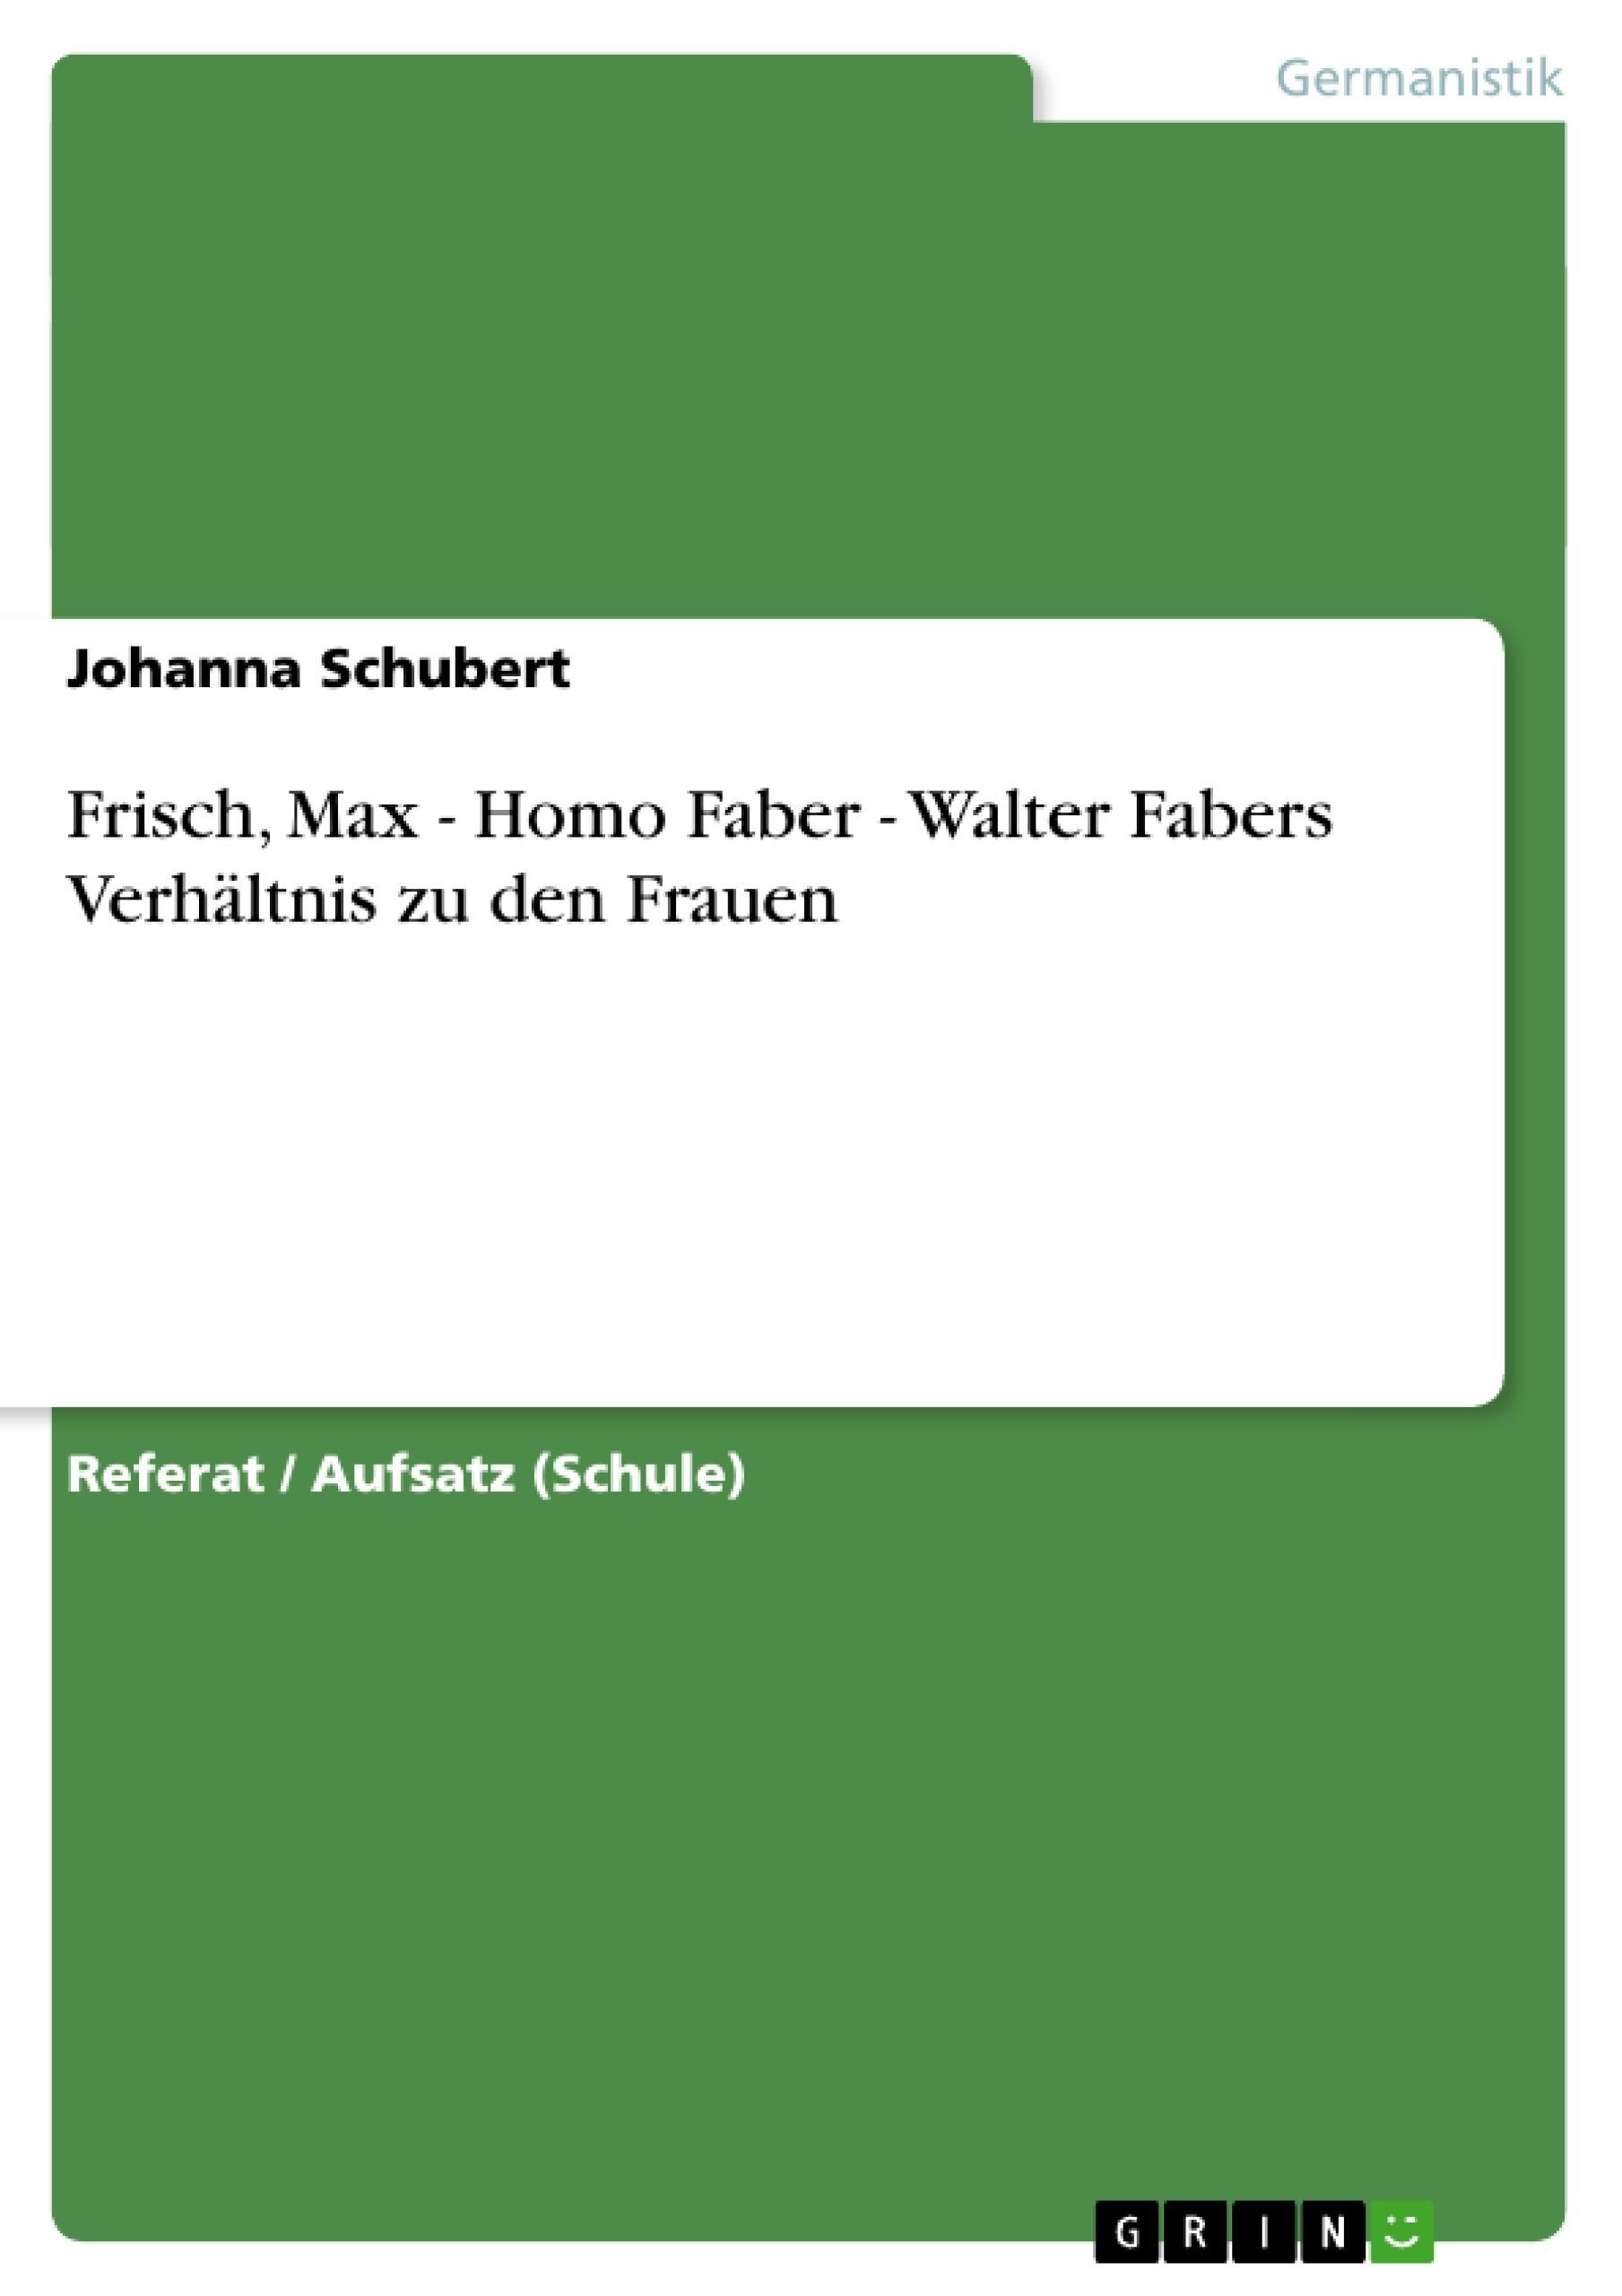 Titel: Frisch, Max - Homo Faber - Walter Fabers Verhältnis zu den Frauen